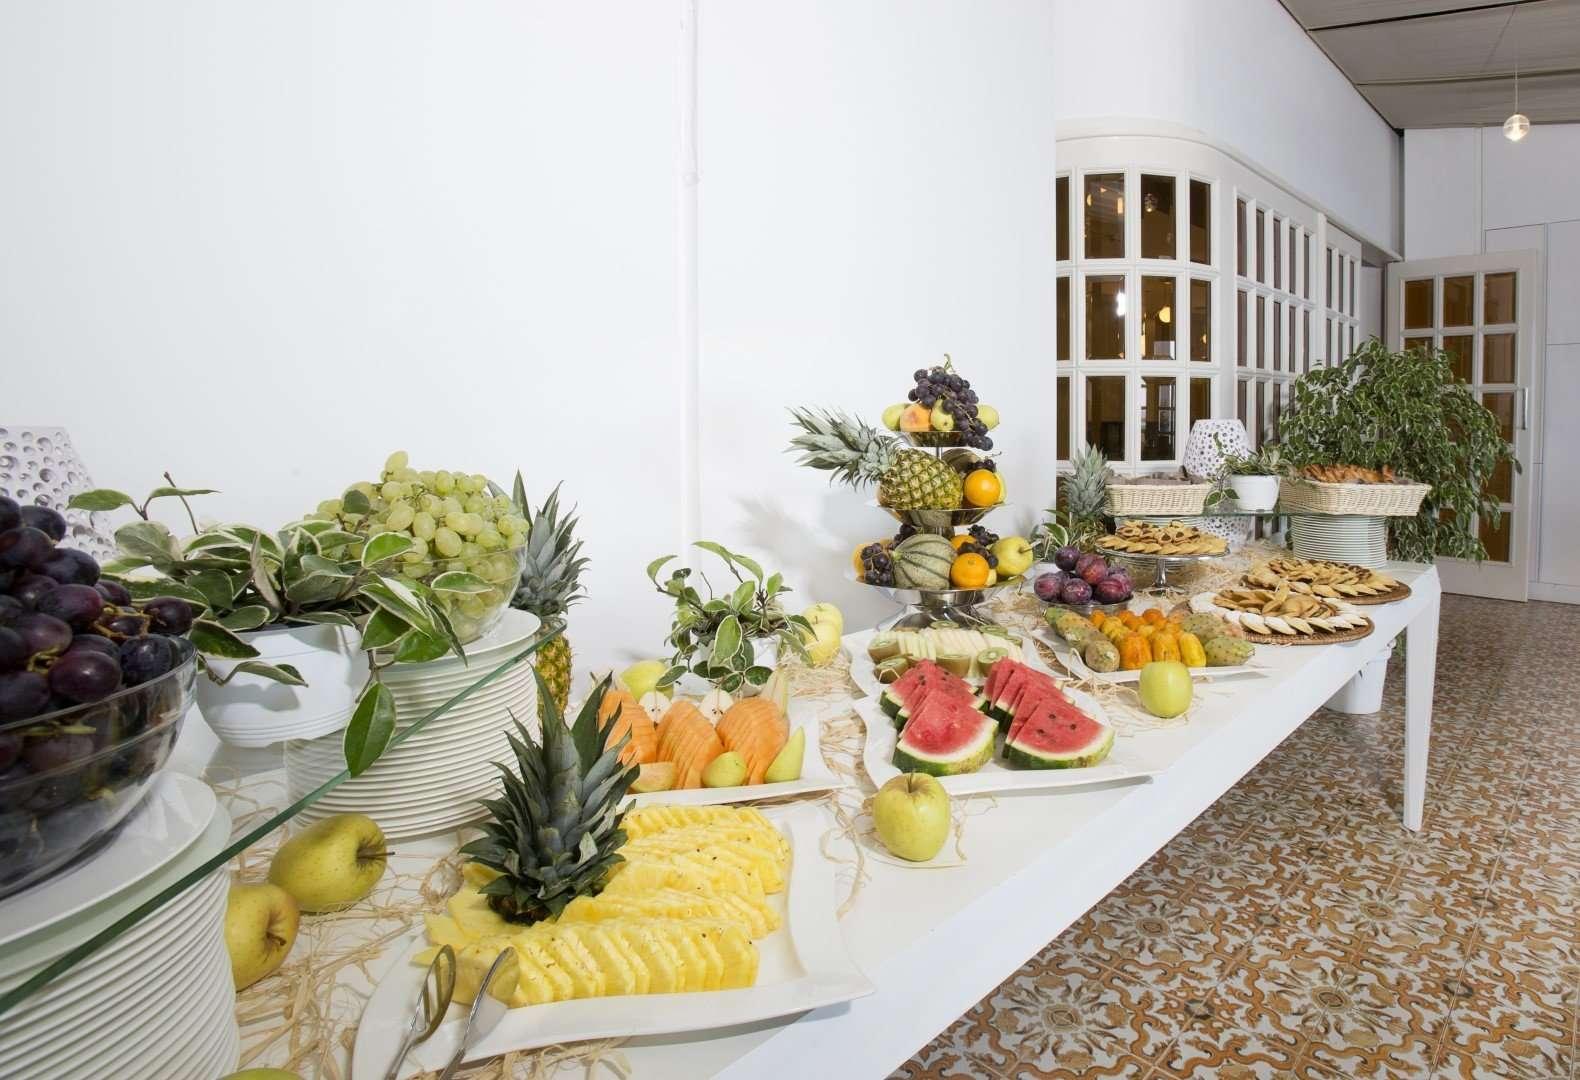 grand hotel riviera - puglia - italie - fruitbuffet